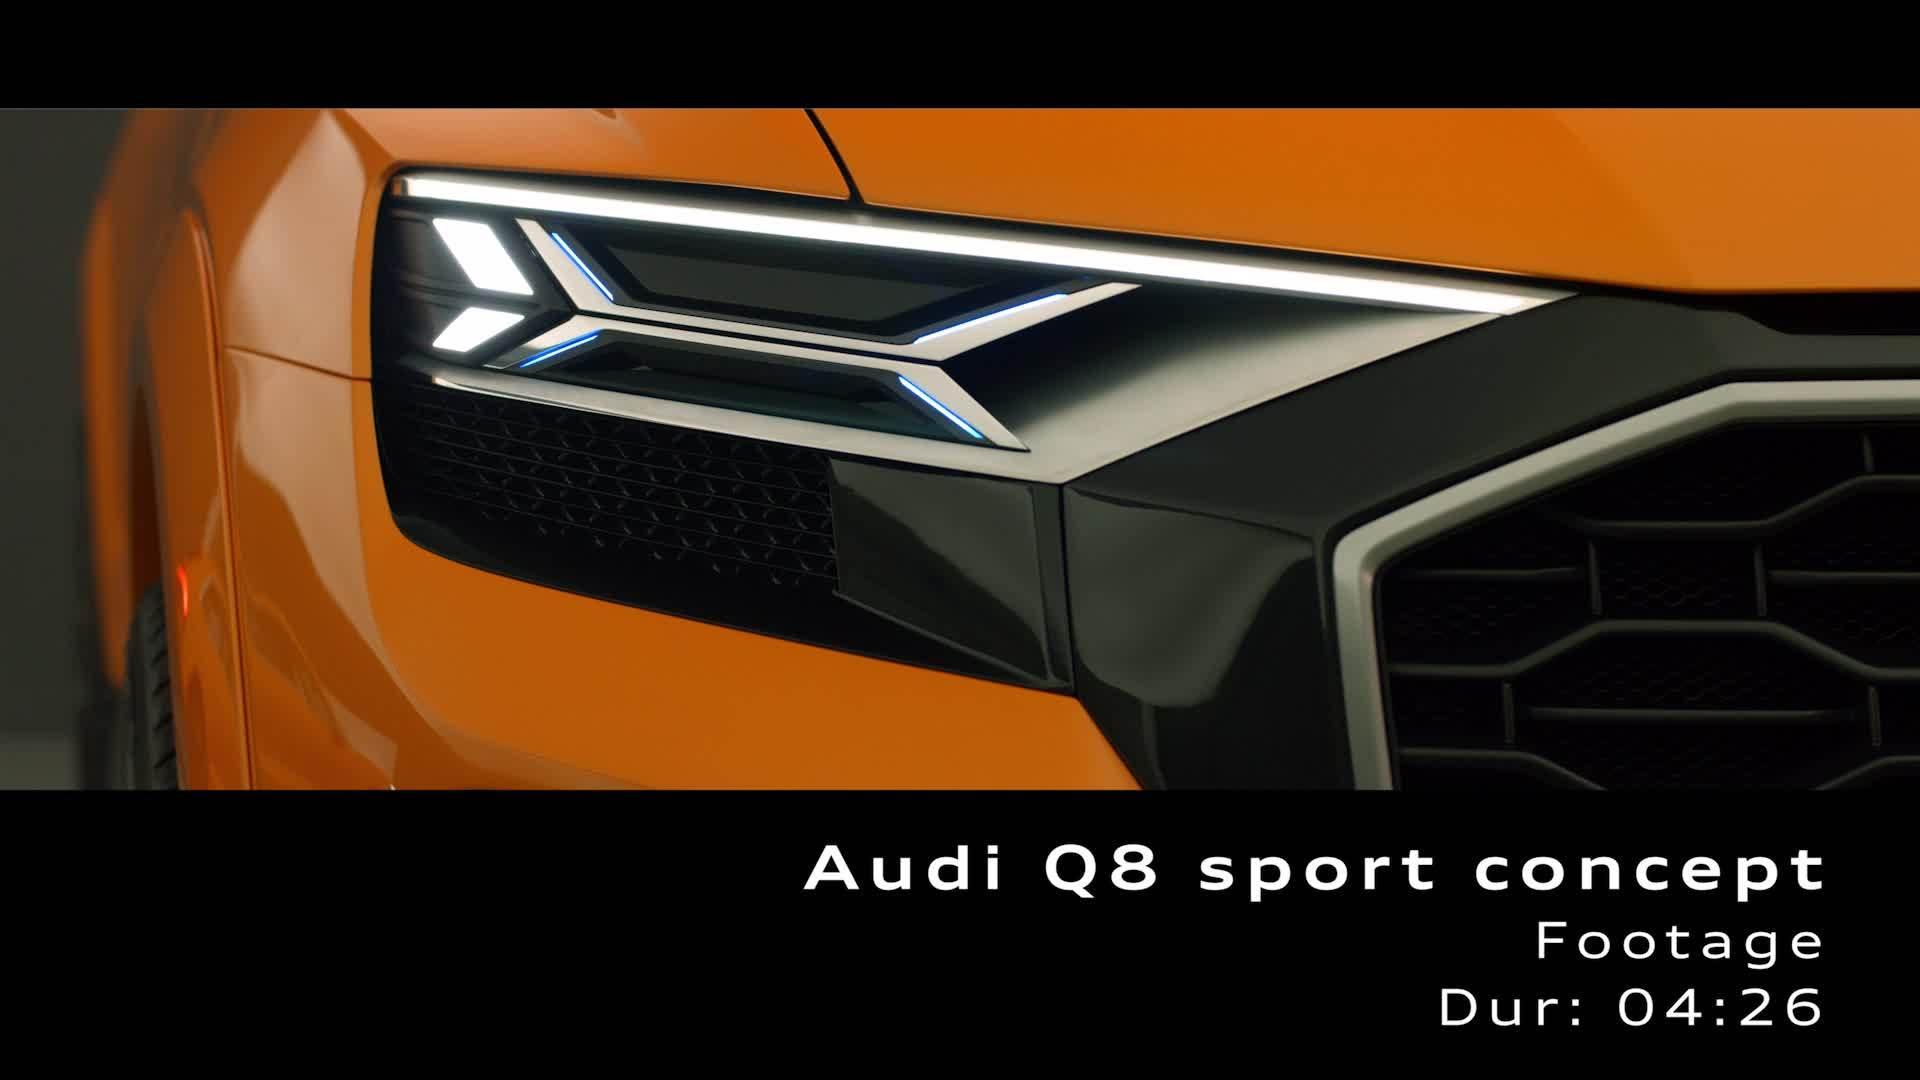 Audi Q8 sport concept - Footage